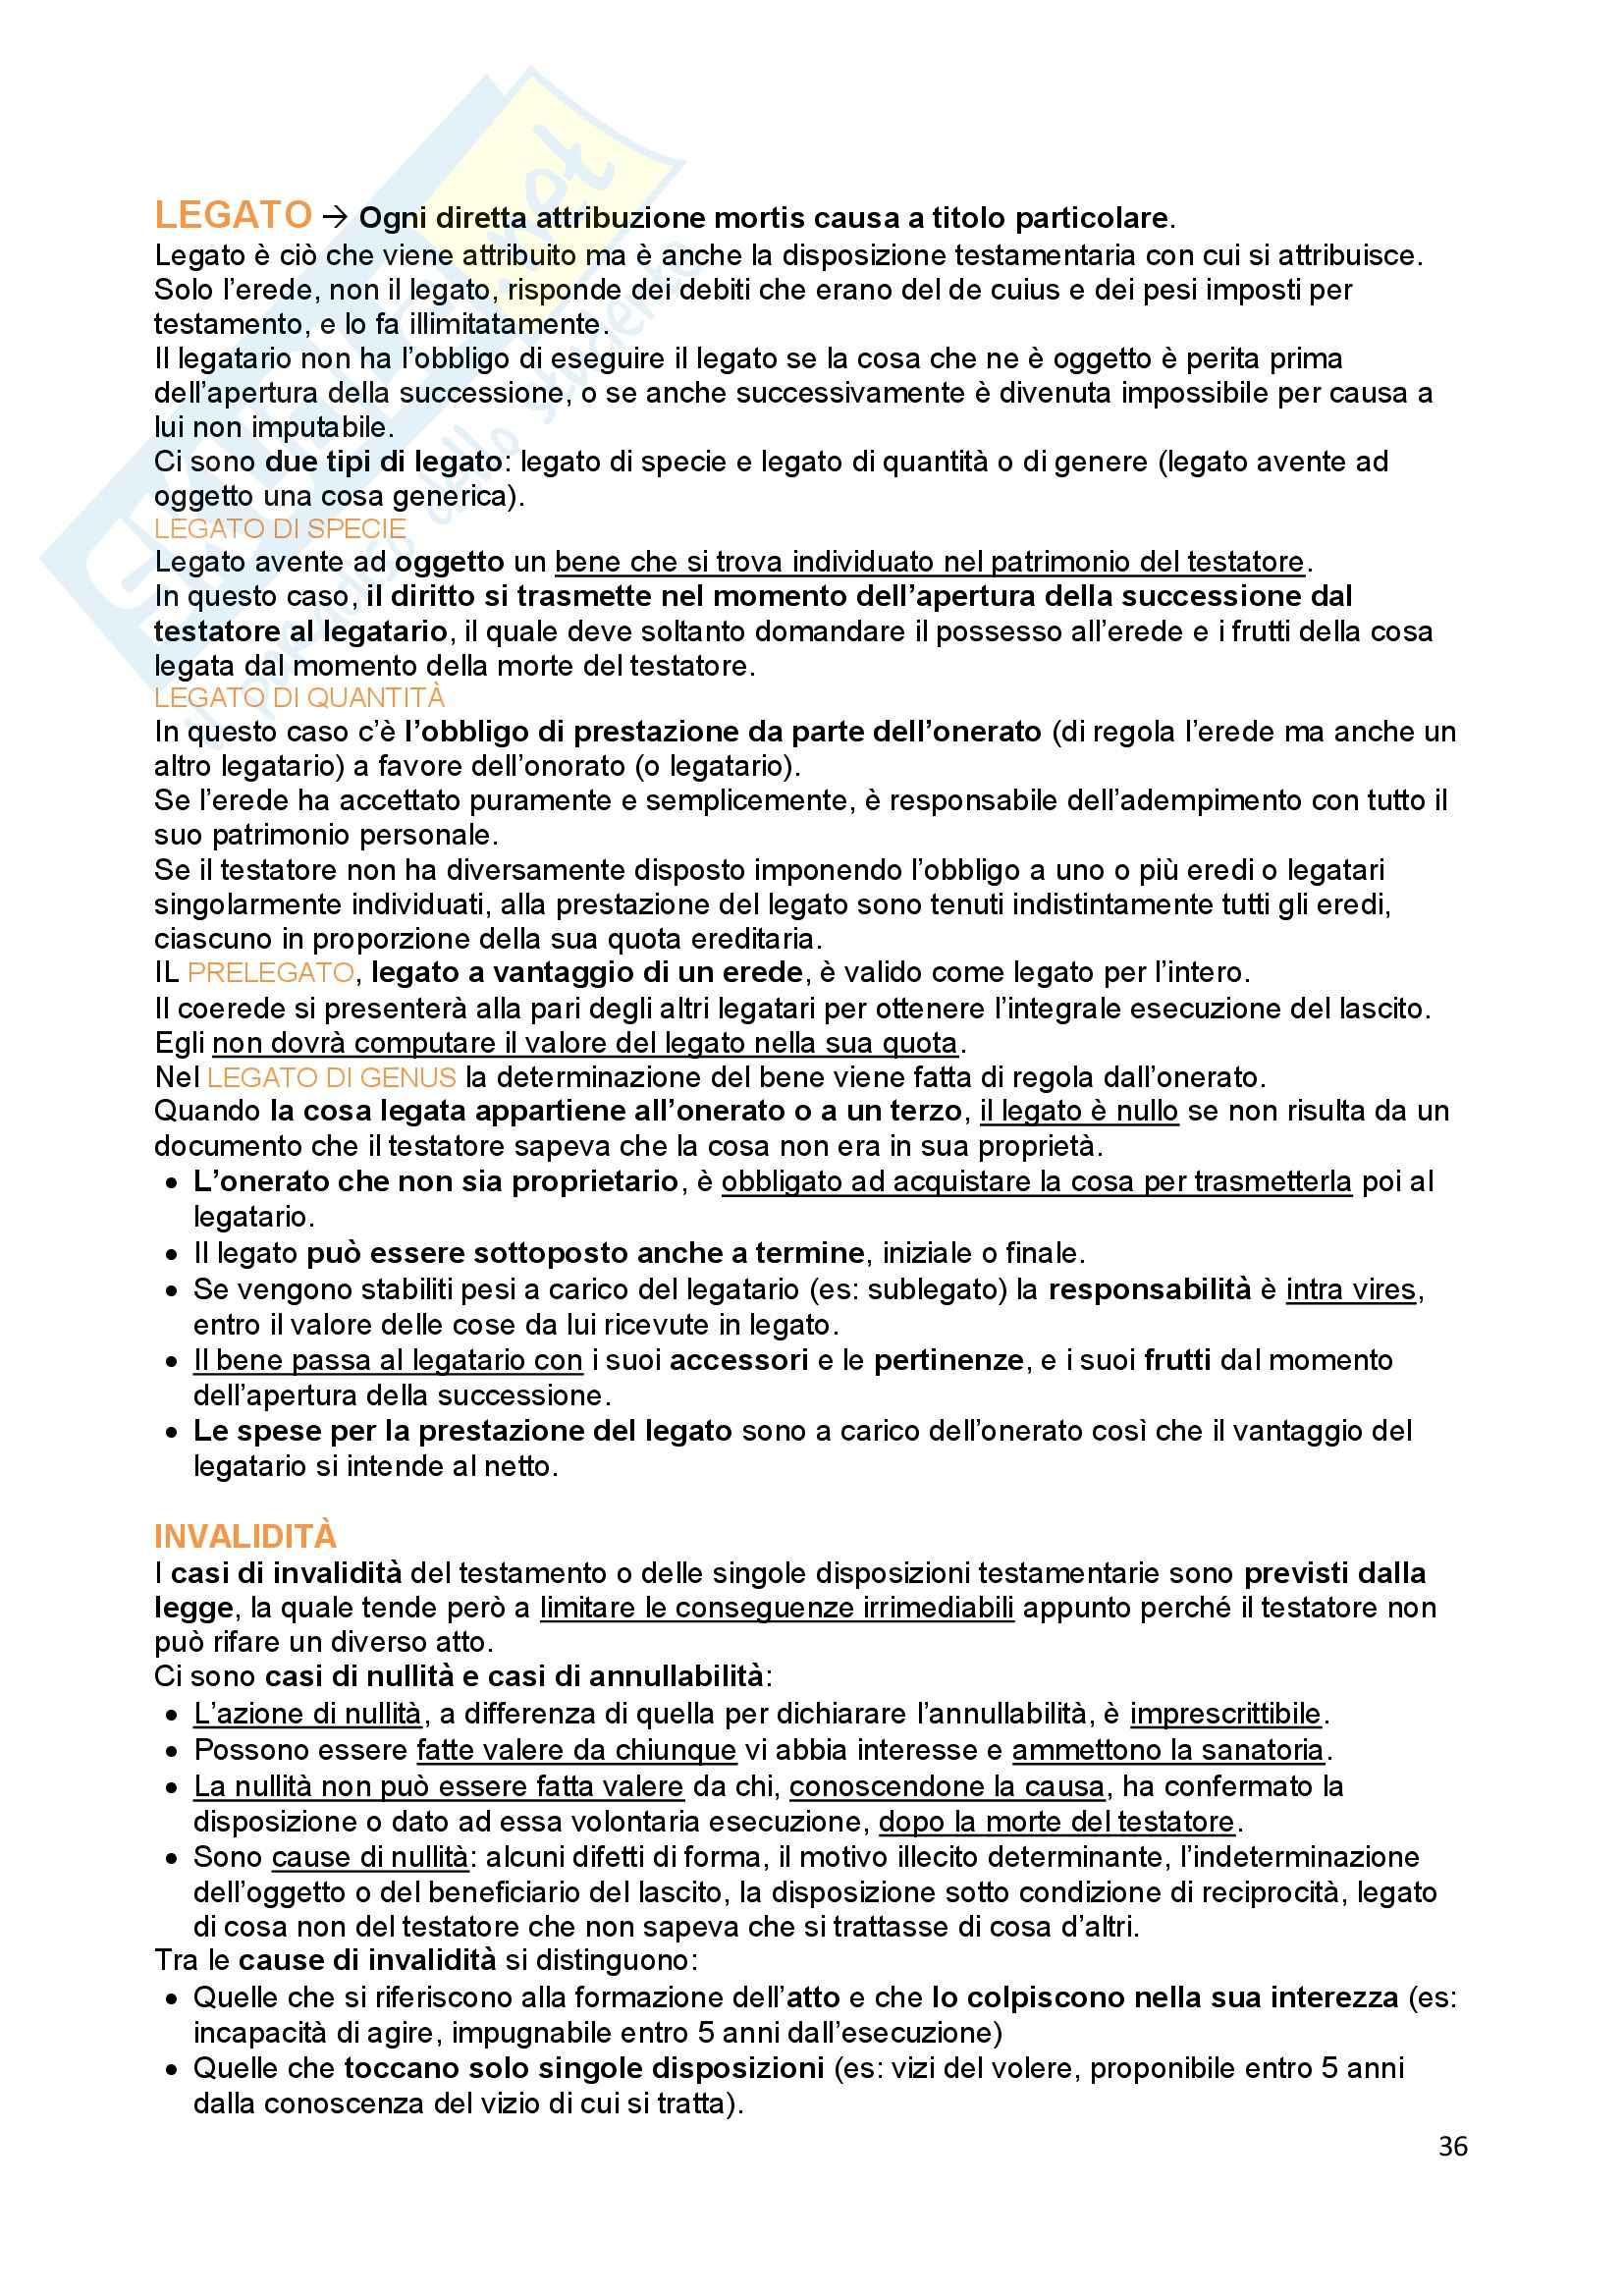 Riassunto esame Diritto Privato, prof. Troiano, libro consigliato Istituzioni di Diritto Civile, Trabucchi Pag. 36